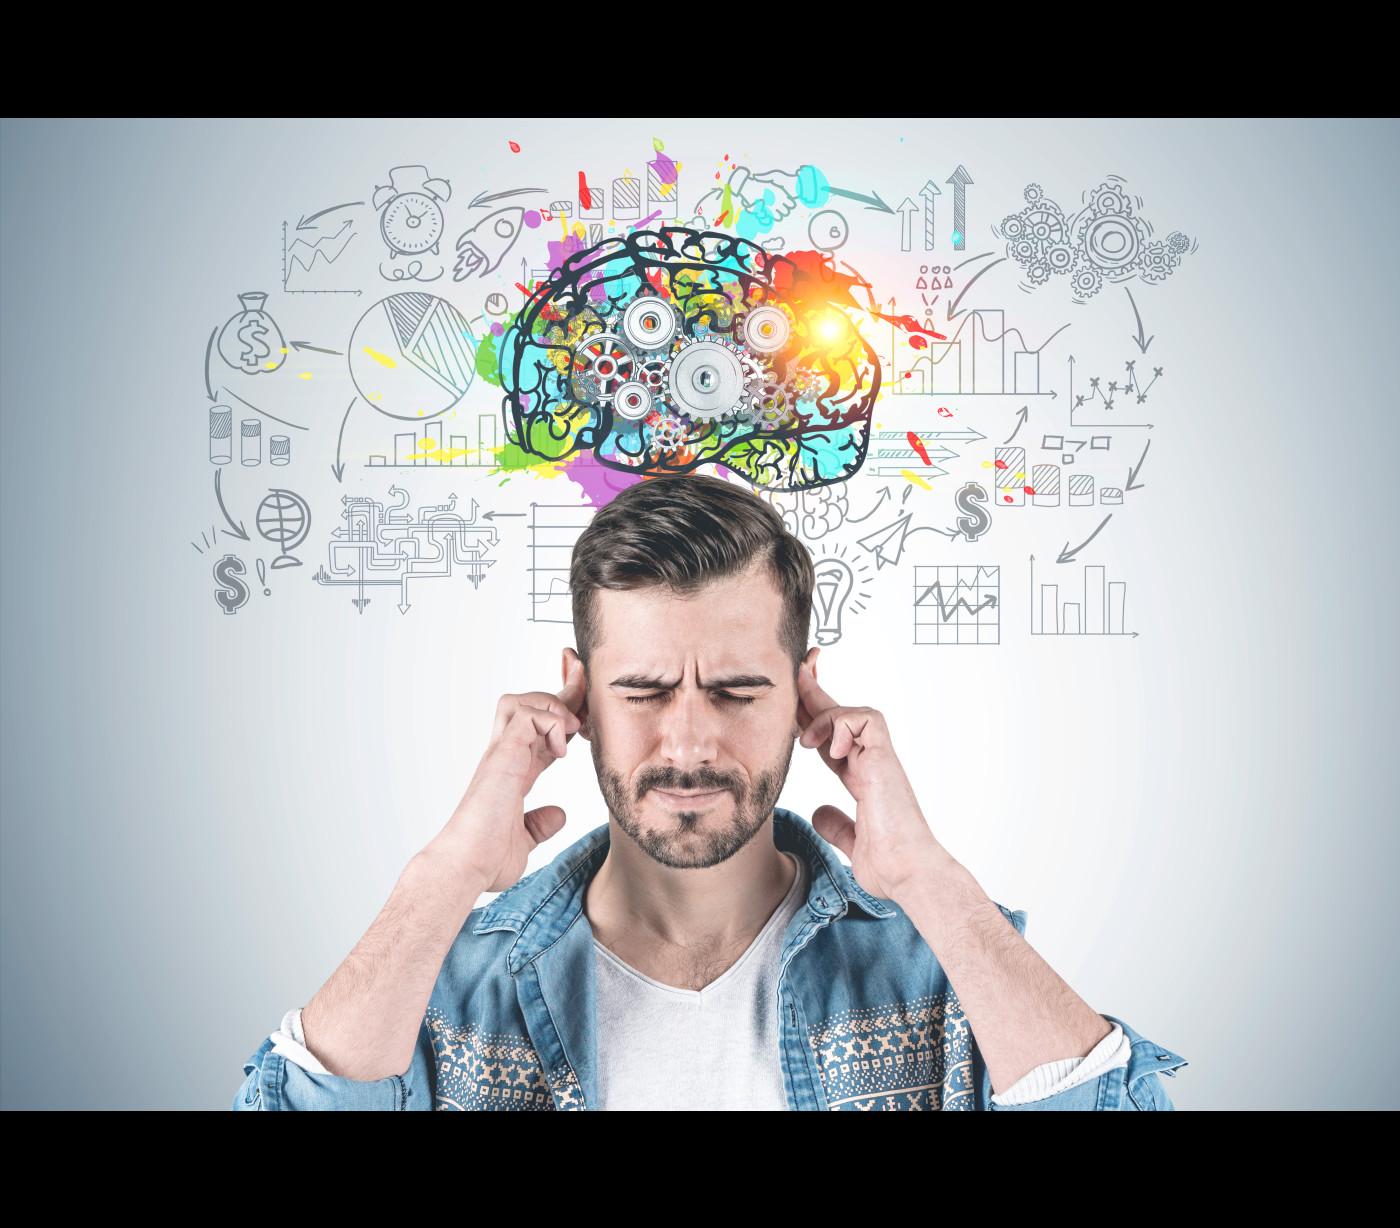 15 странных и удивительных фактов о том, что происходит в вашей собственной голове